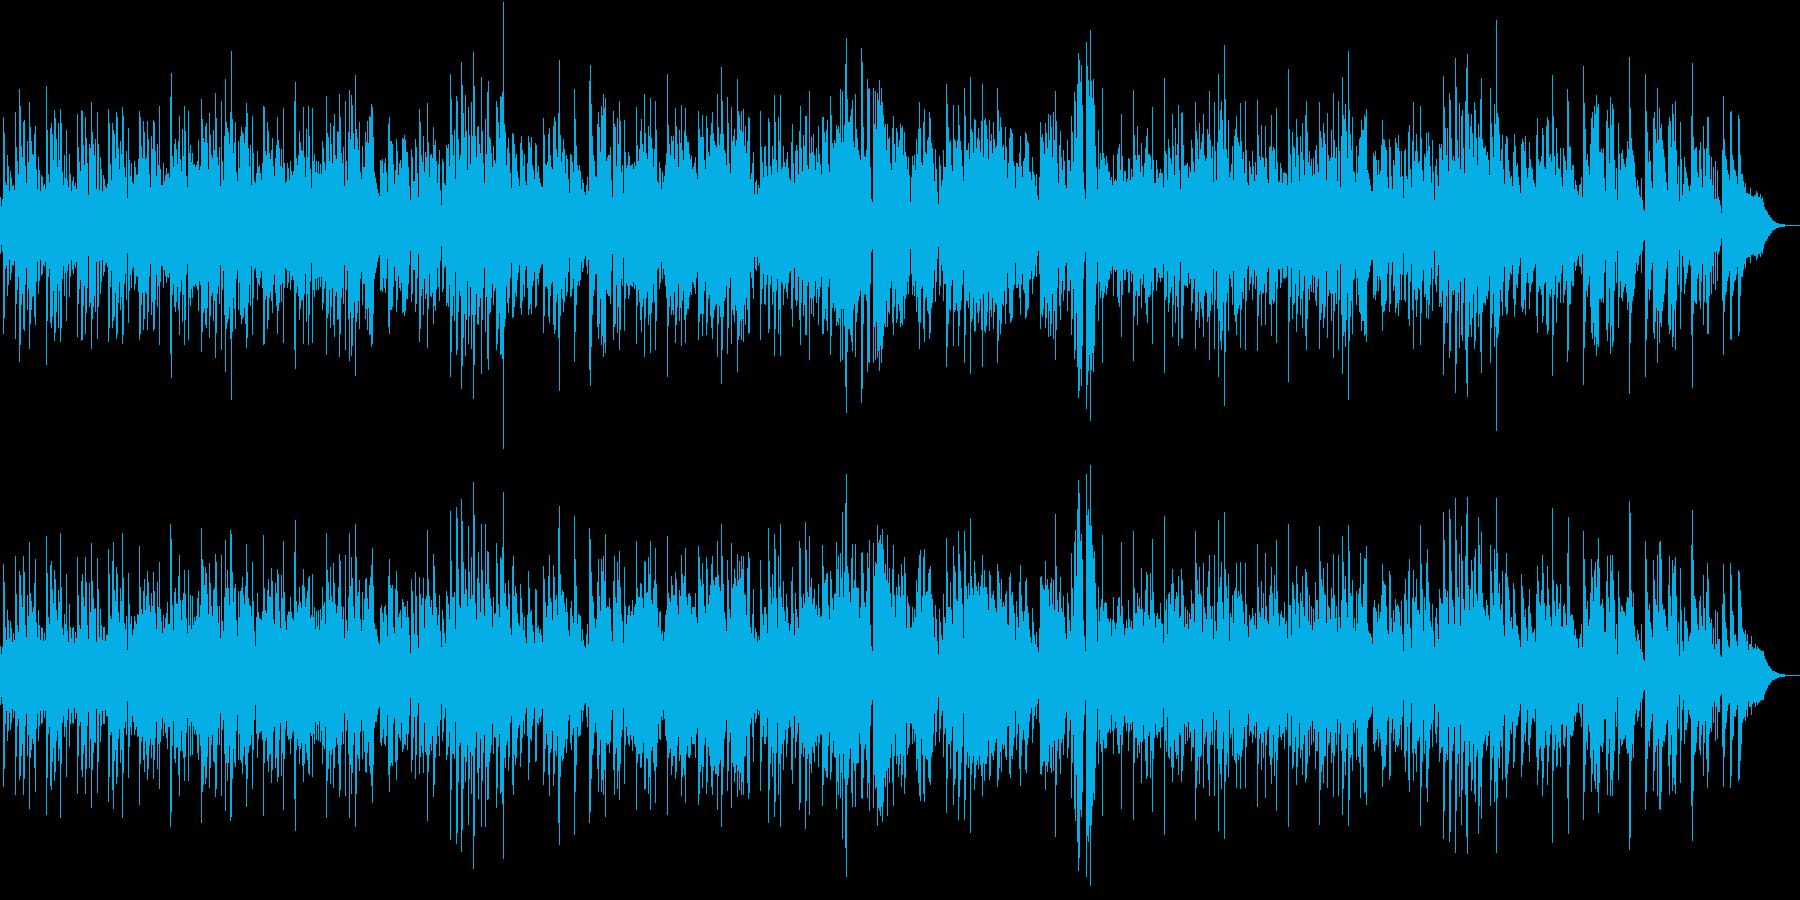 ハードなジャズピアノトリオの再生済みの波形